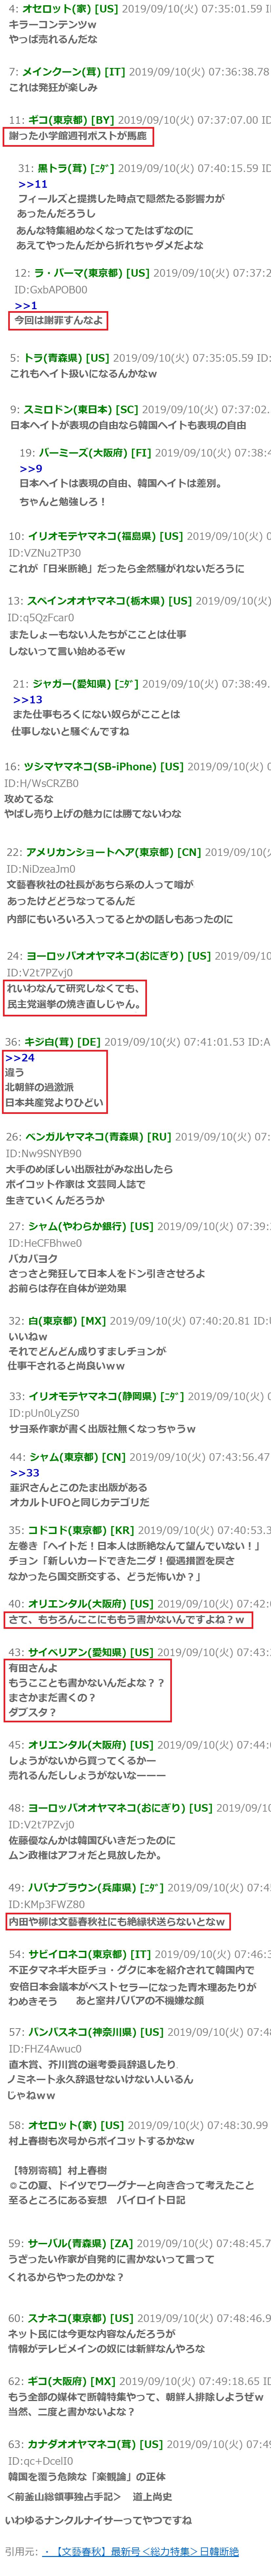 文芸春秋「日韓断絶」特集3